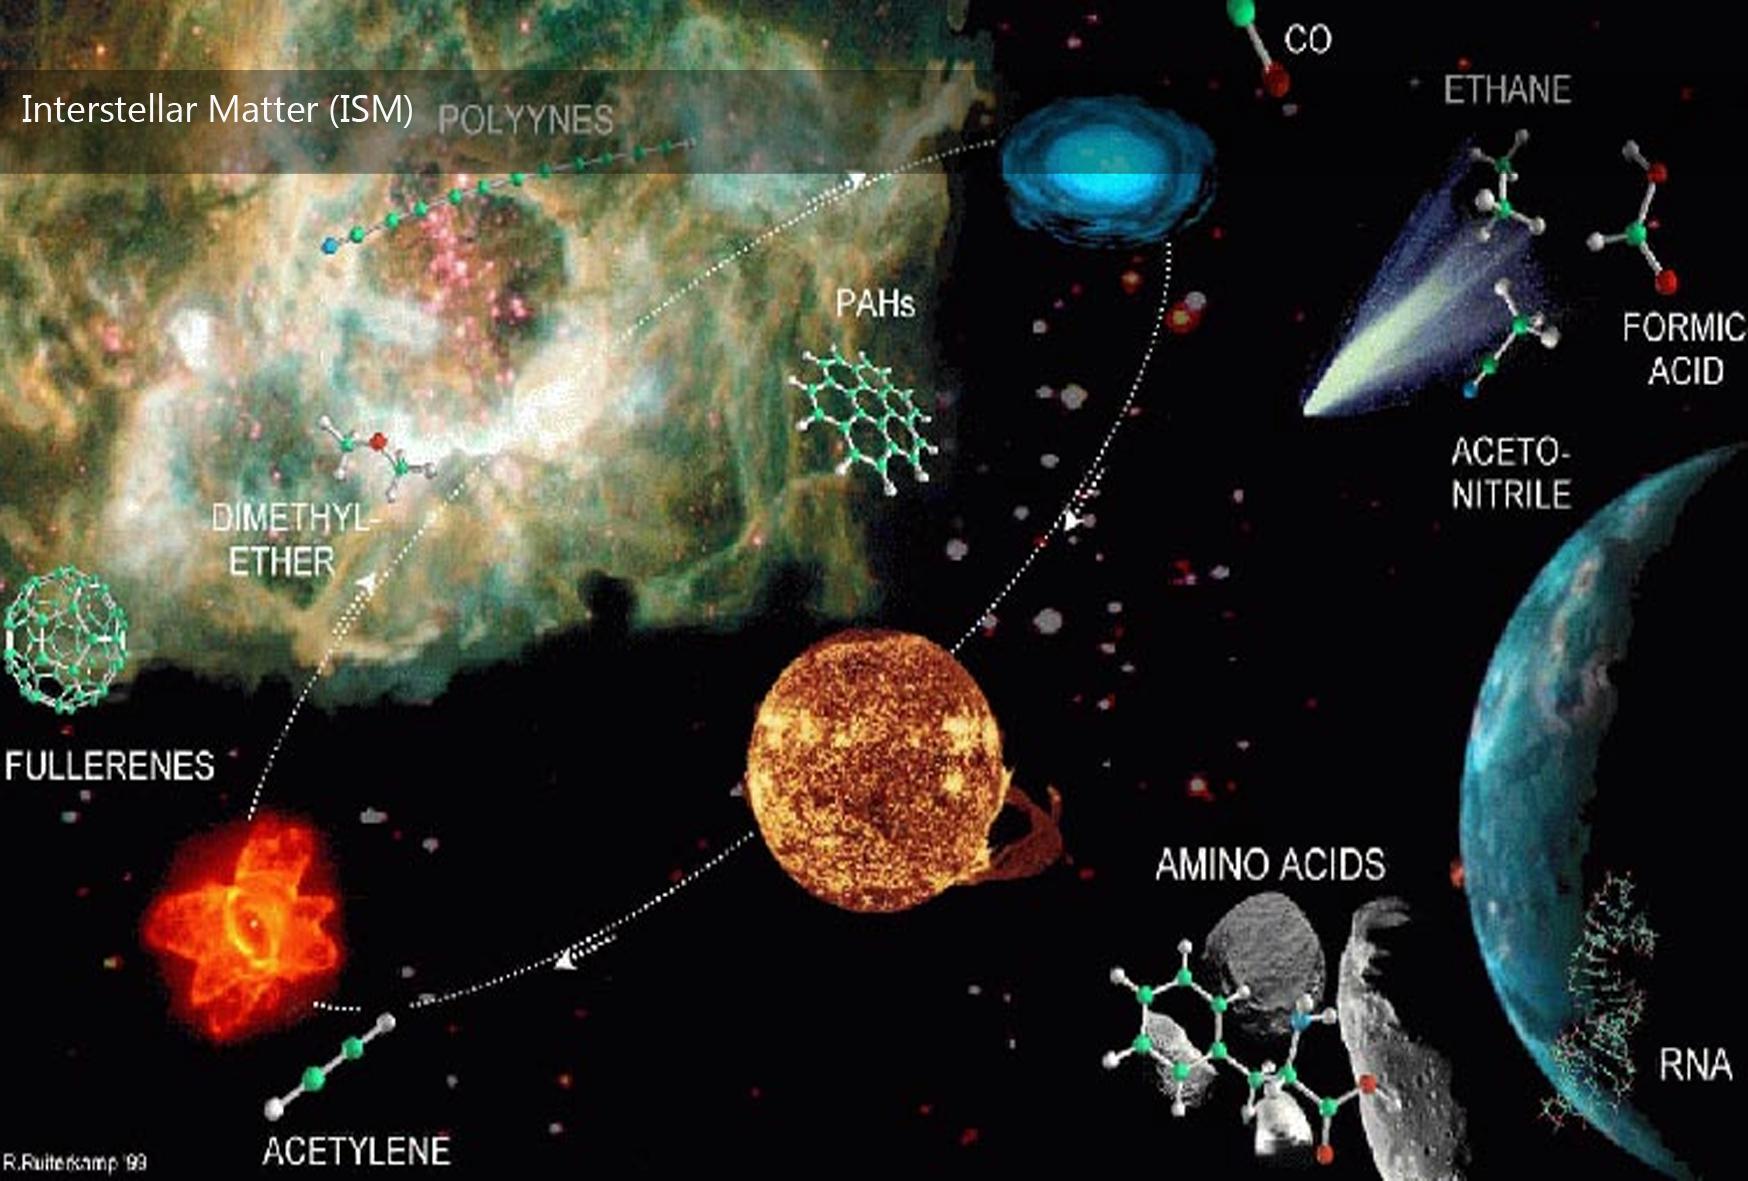 Interstellar Medium Galnet Wiki Fandom Powered By Wikia